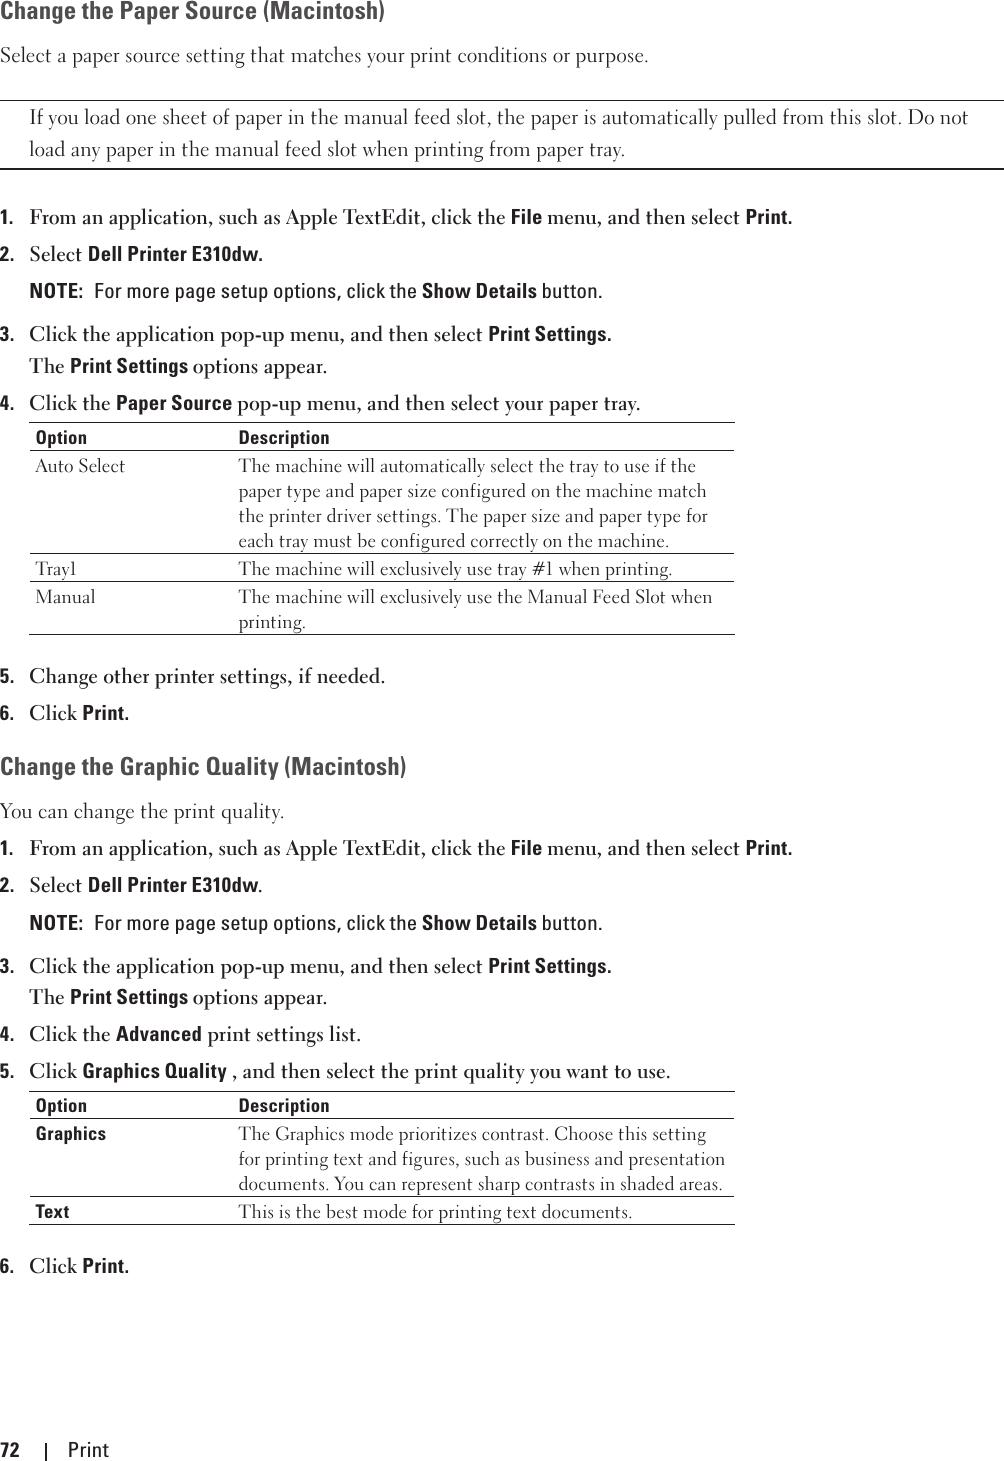 Dell e310dw printer User's Guide User Manual En us